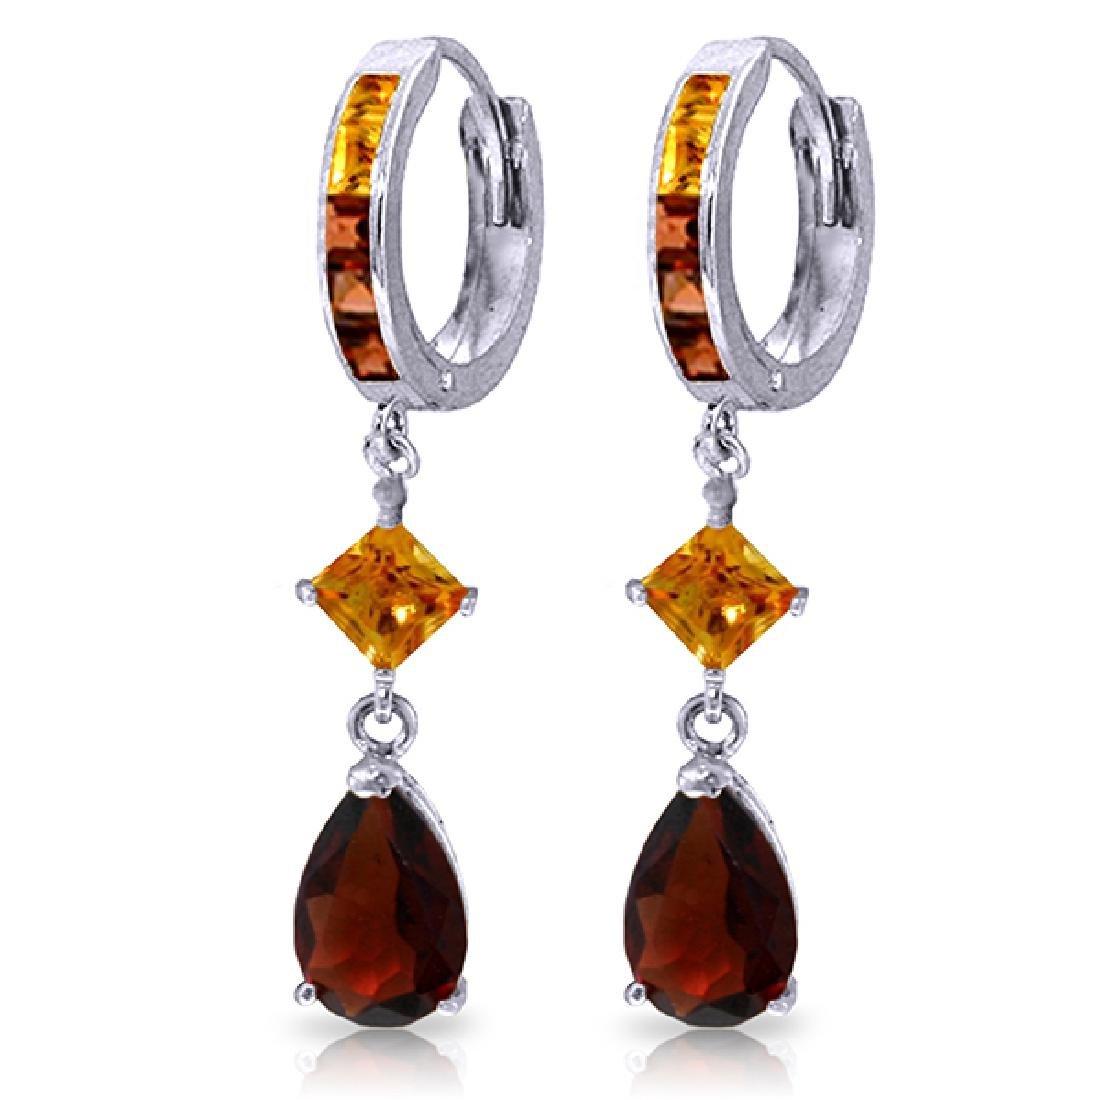 Genuine 5.15 ctw Garnet & Citrine Earrings Jewelry 14KT